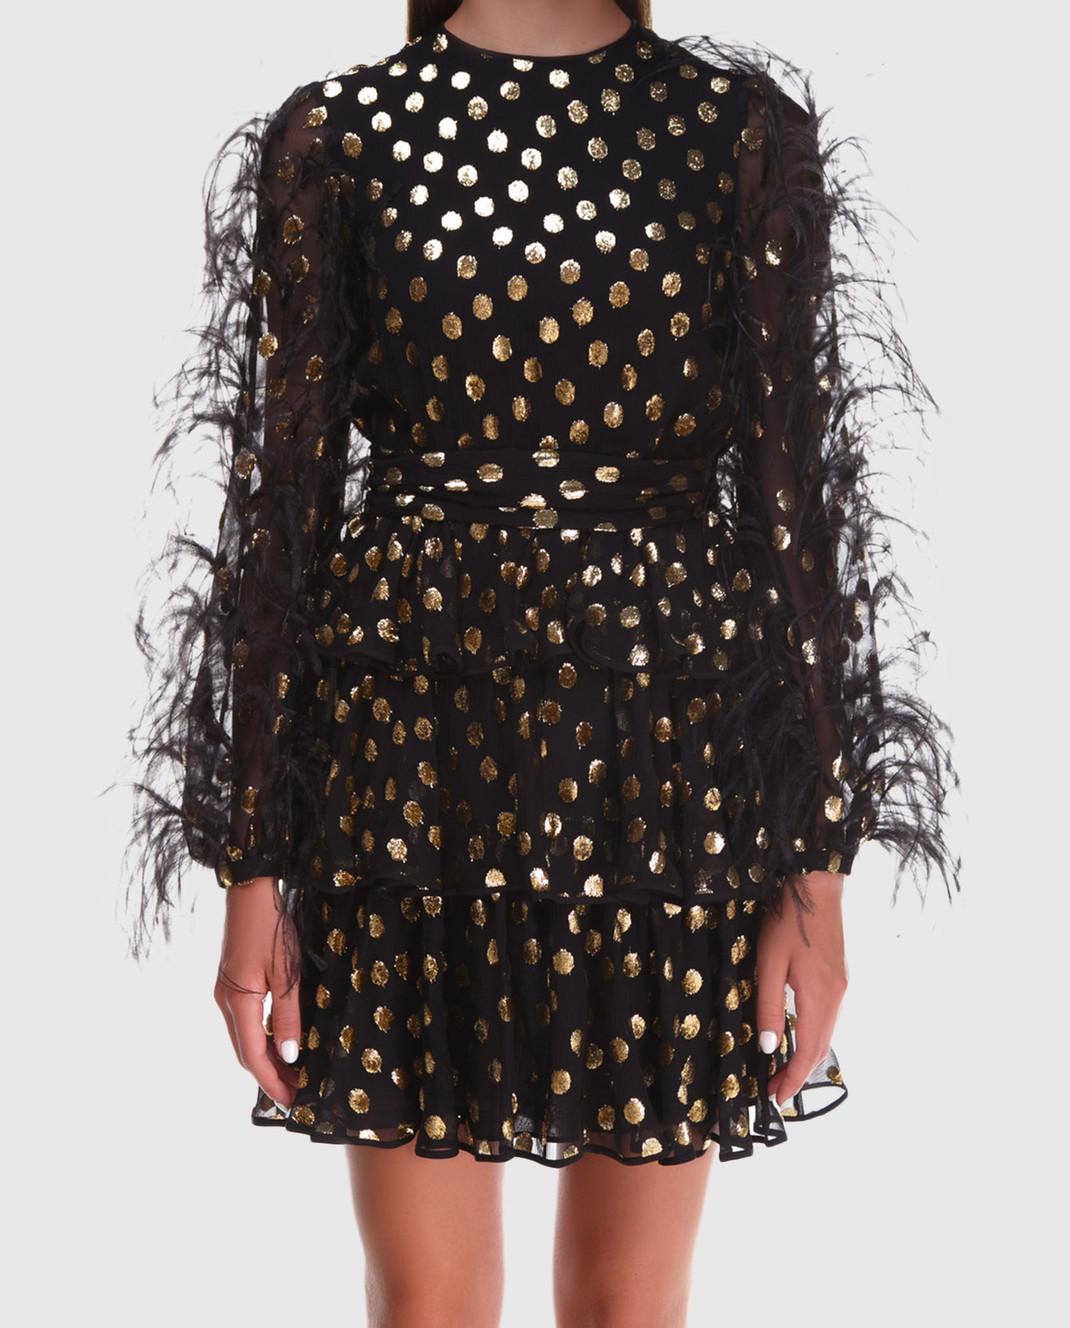 Valentino Черное шифоновое платье QB2VAIK043C изображение 3